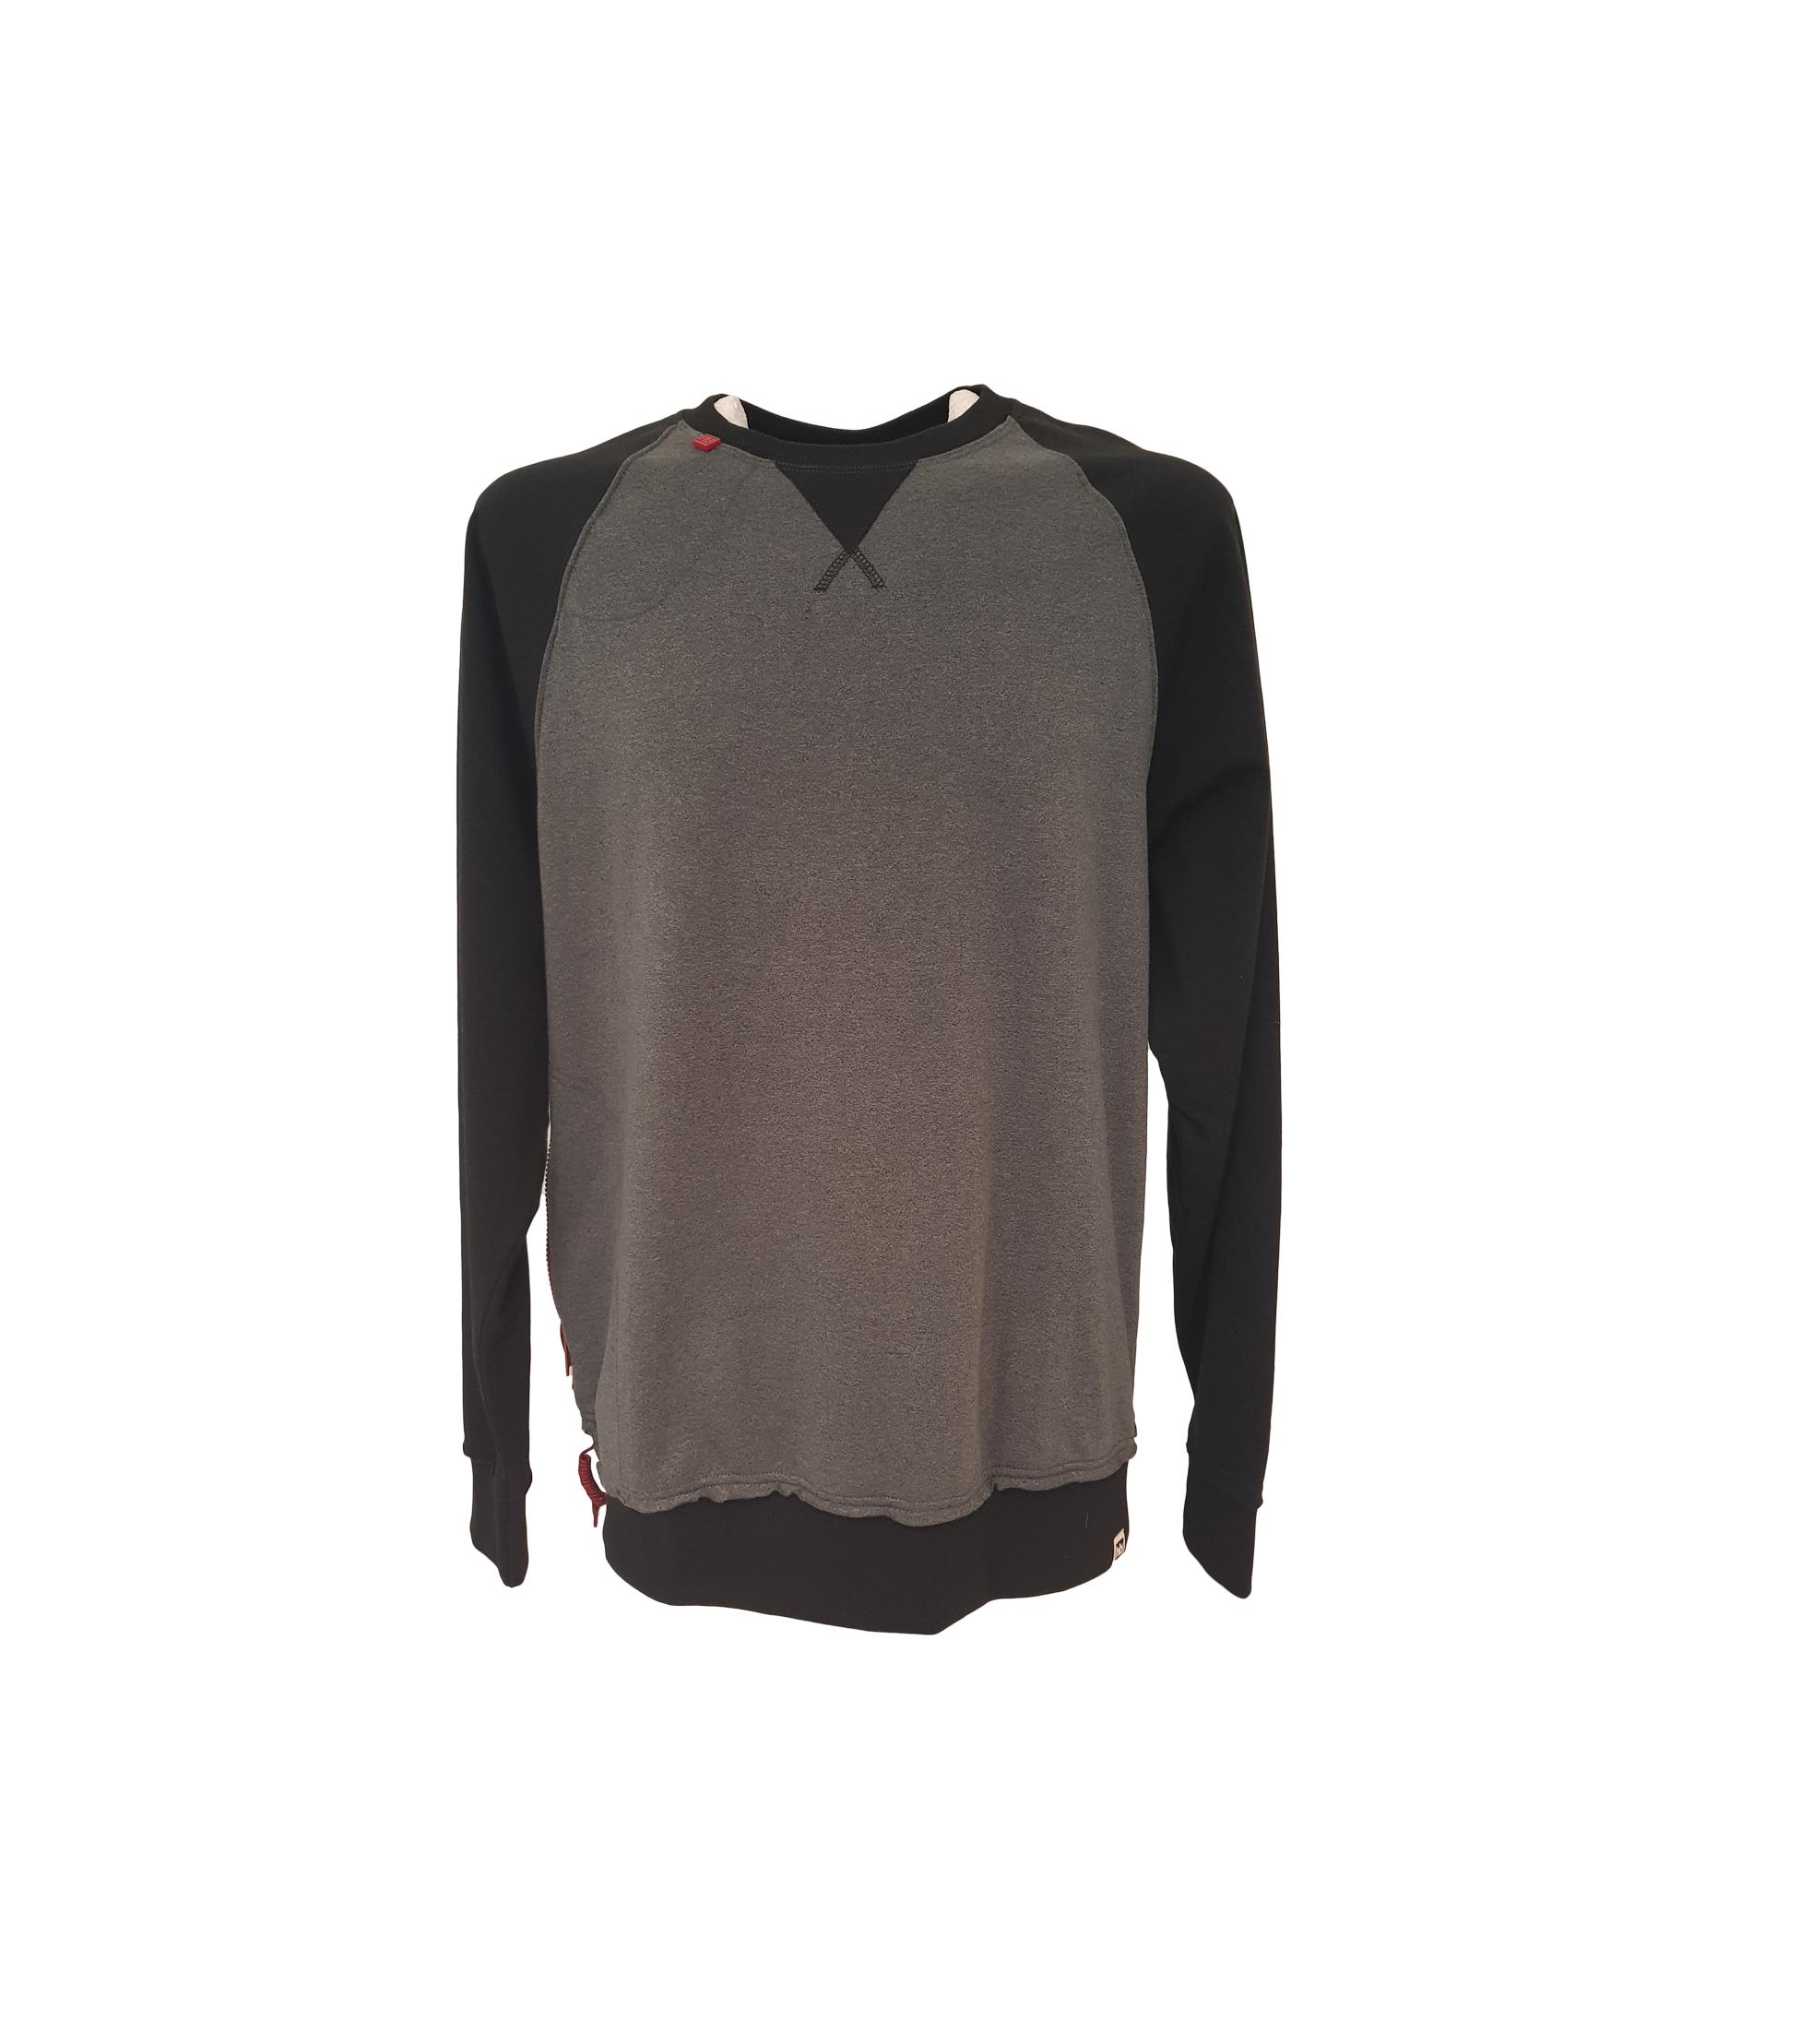 HOODIE BUDDIE Senior Pullover Sweatshirt #2